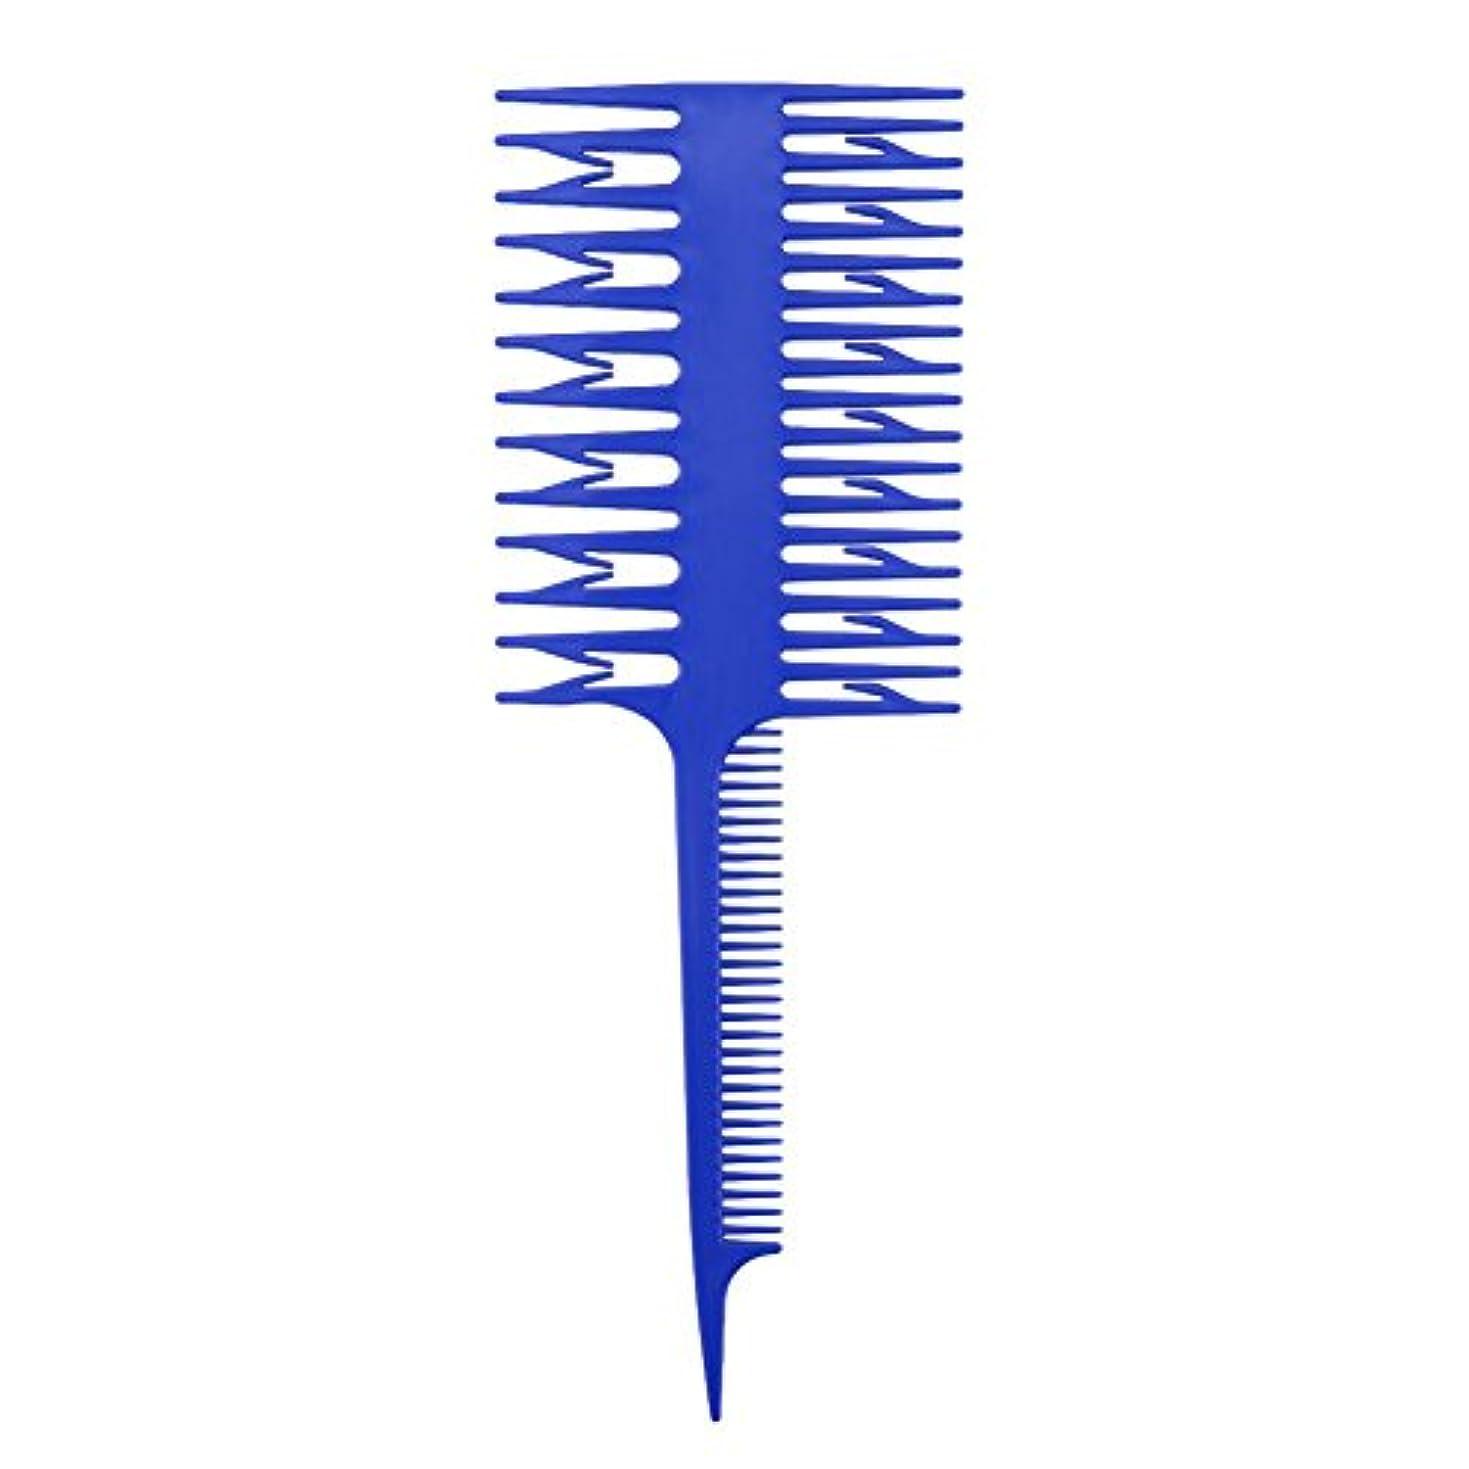 土地割り当てます時々時々Demiawaking 毛染用櫛 ブラシ 白髪染め ブラシ 長髪 短髪 適用 自用毛染めツール 美容室用 プロ 青い